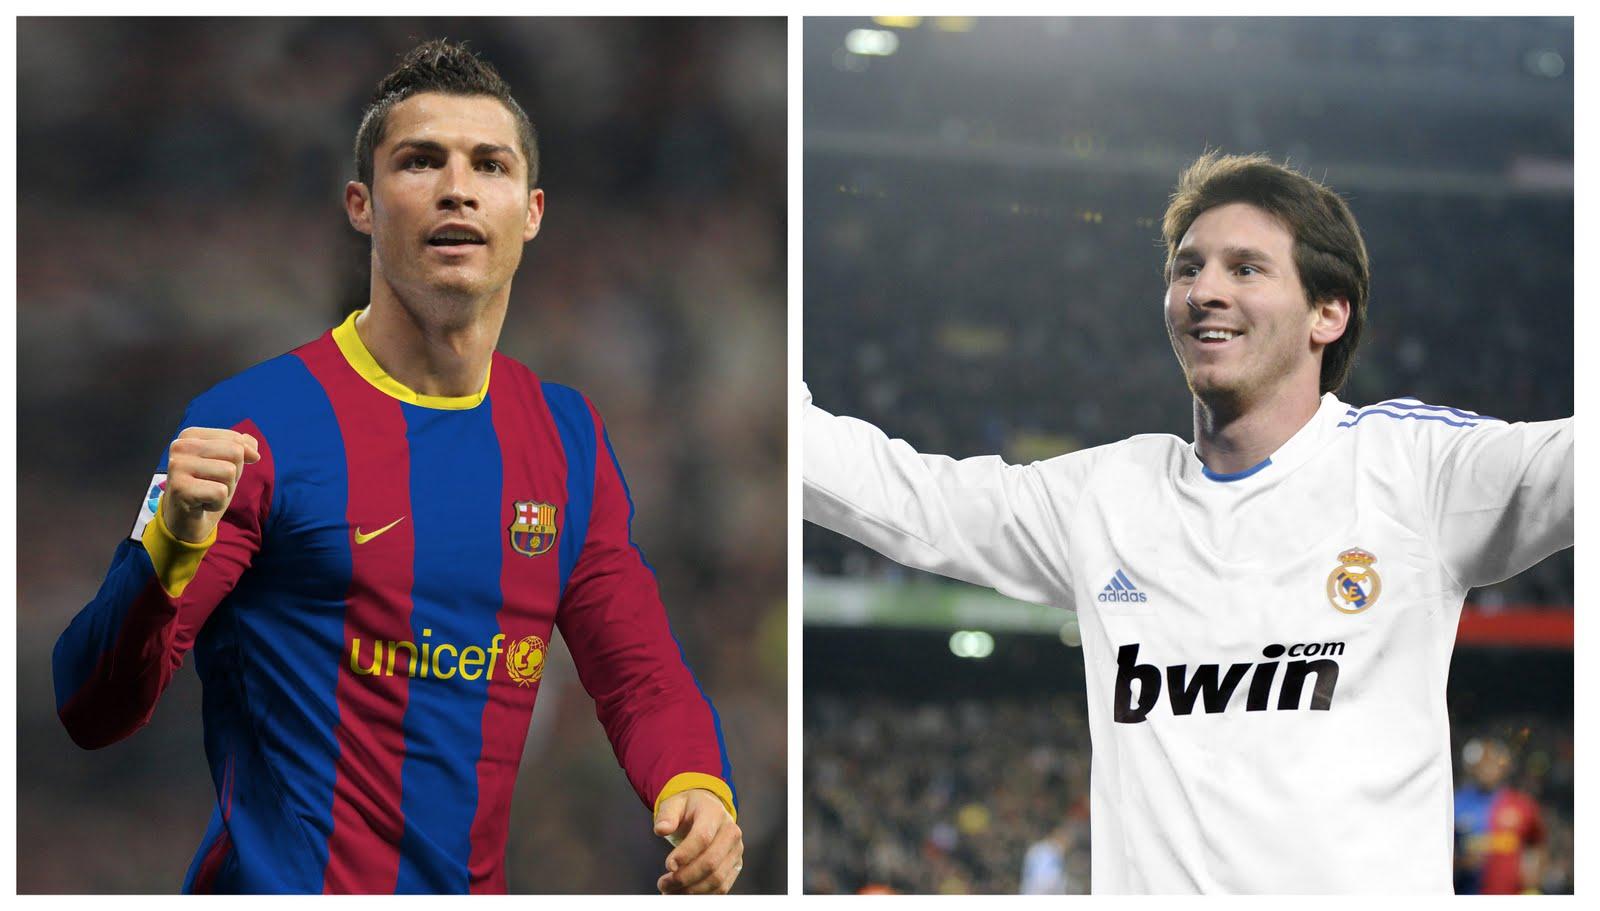 http://2.bp.blogspot.com/-XFkafOXHeEo/TeZWL7oNDxI/AAAAAAAAAI4/E9x6gZB97XA/s1600/Cristiano+Ronaldo+Barcelona+-+Messi+Real+Madrid+2.jpg